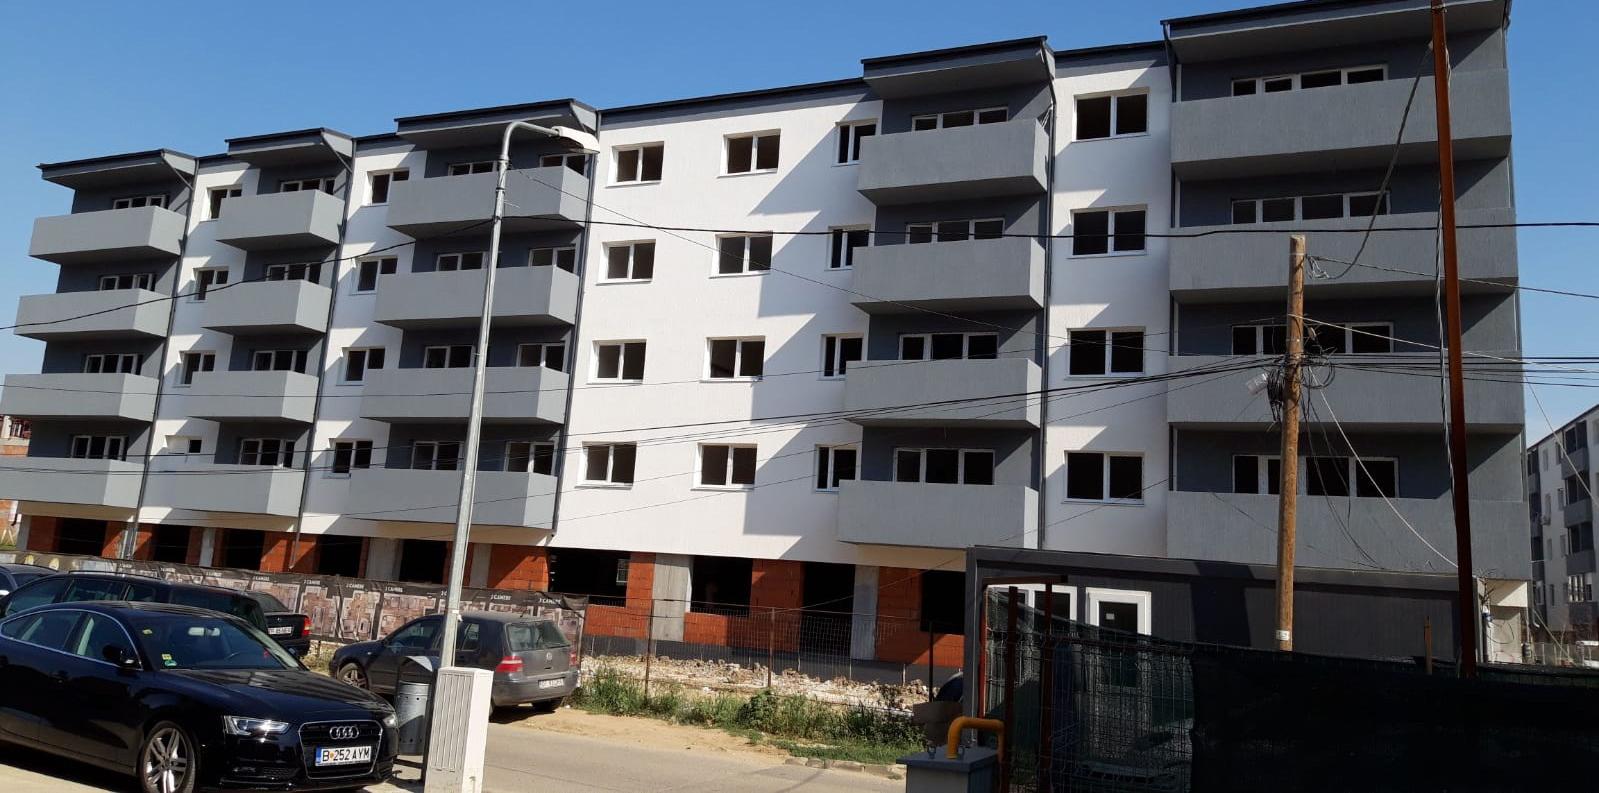 3 imobile Pallady, Bucuresti